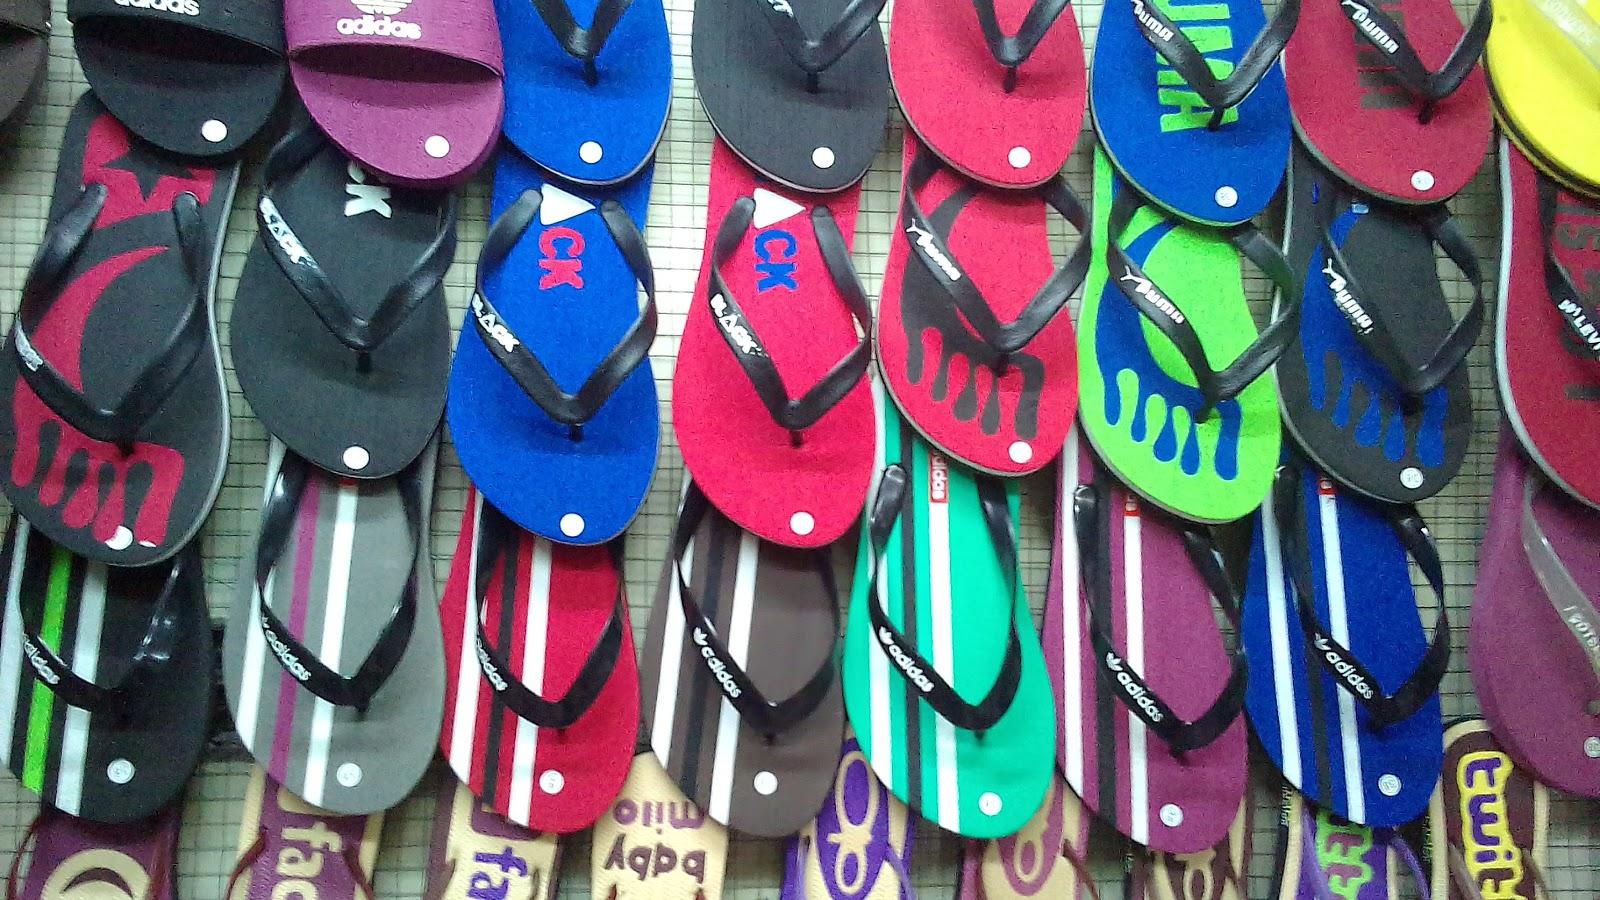 Pengrajin Sepatu Dan Sandal Bogor: Sepatu dan sandal murah ...